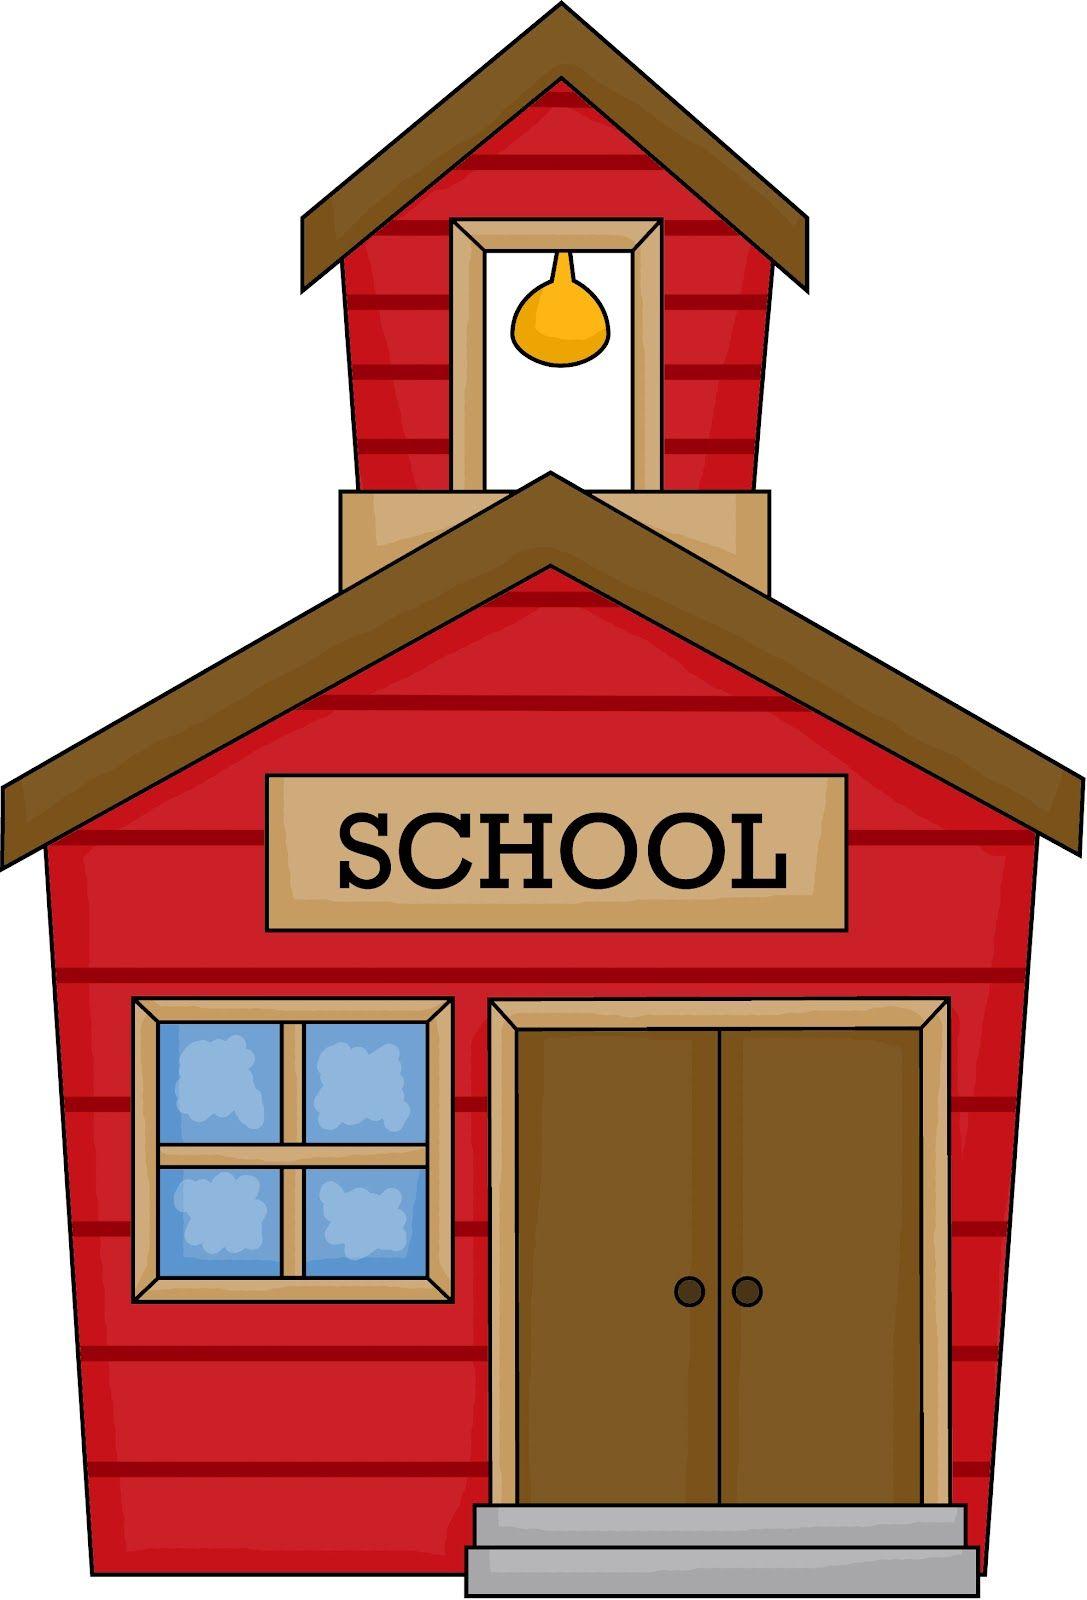 little miss kindergarten lessons from the little red schoolhouse rh pinterest co uk clip art schoolhouse photos clip art schoolhouse photos